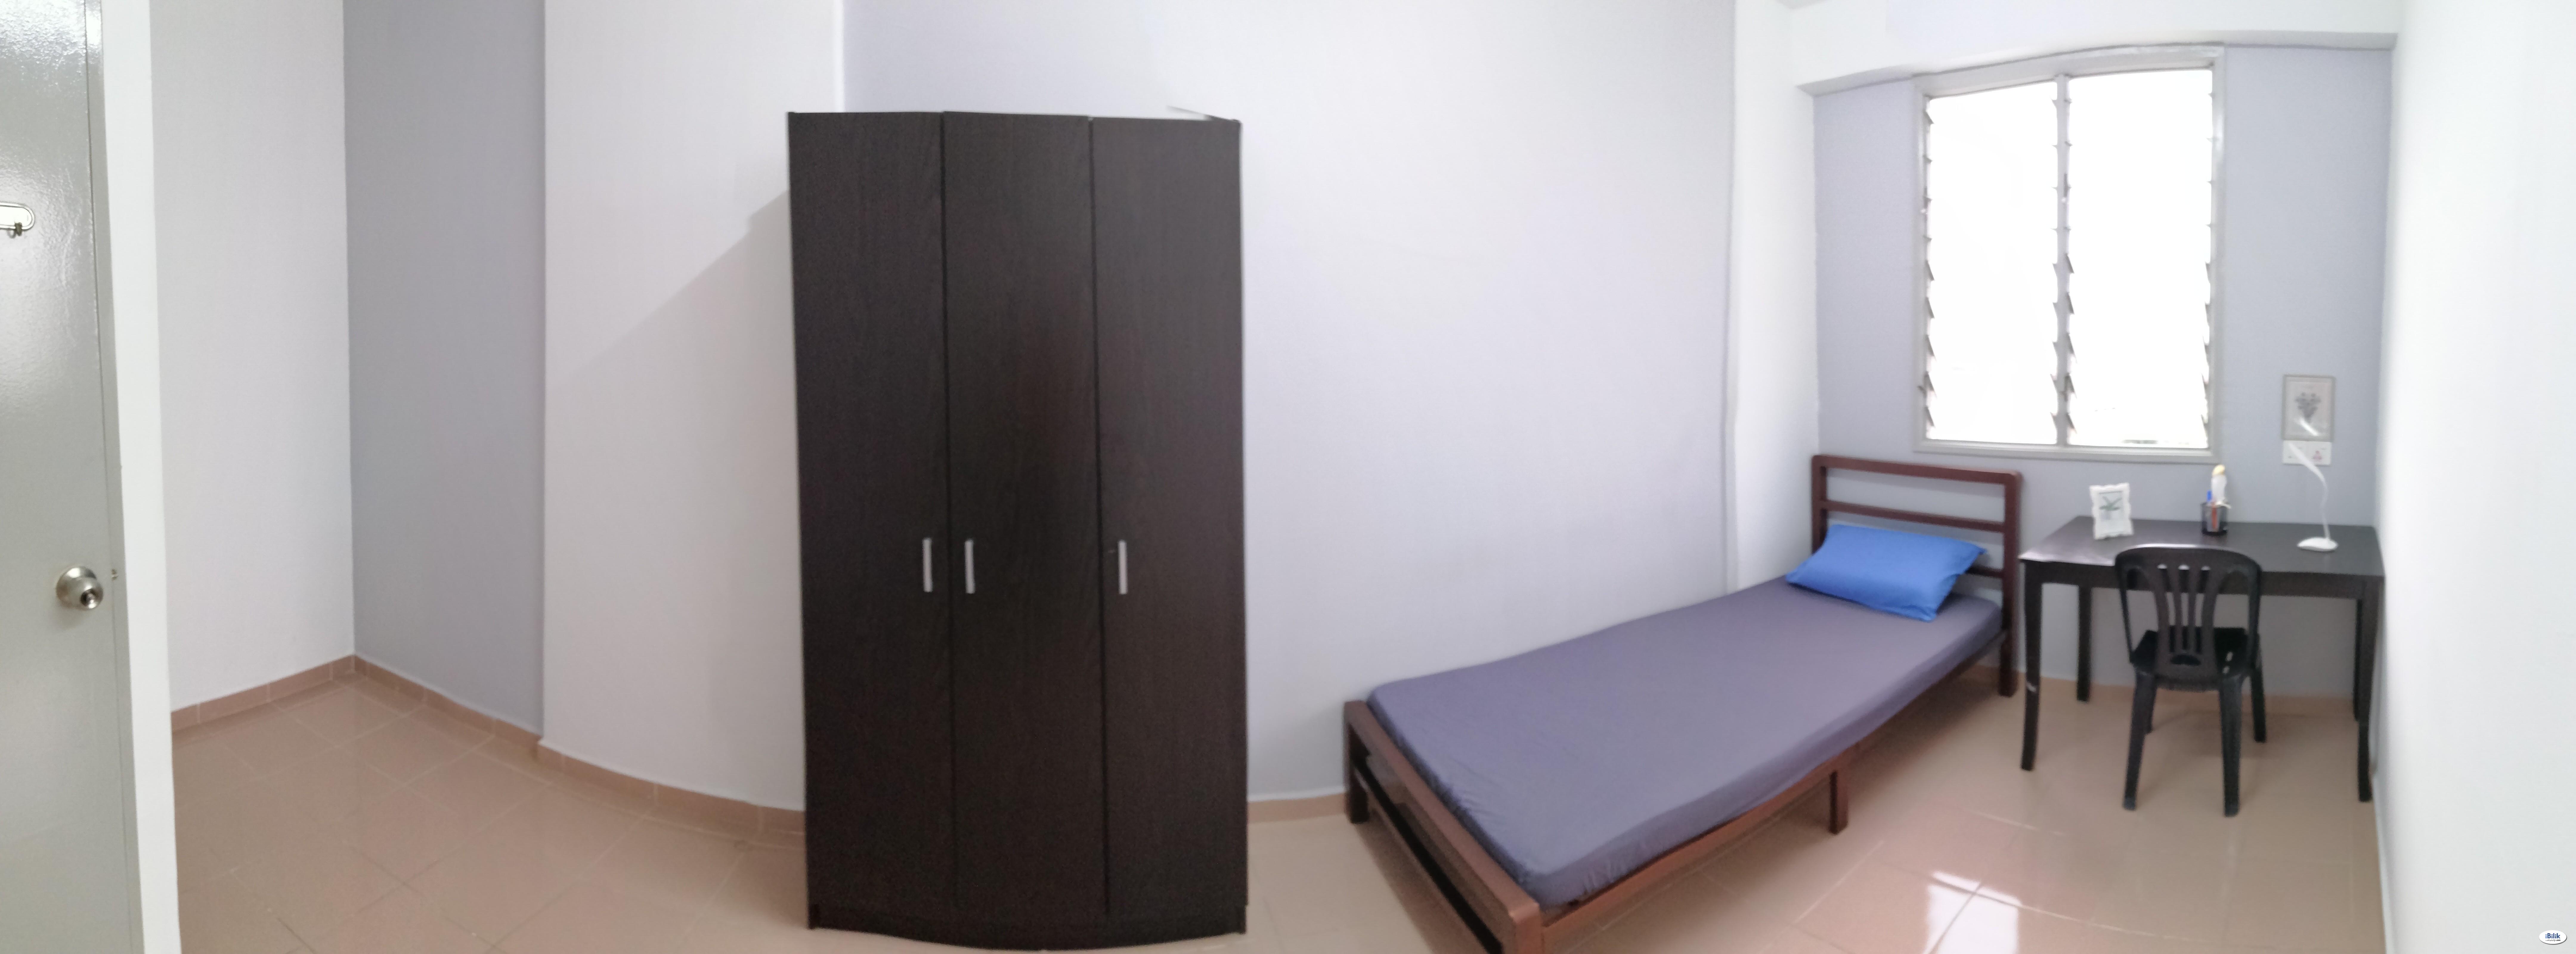 Single Room at Georgetown, Penang